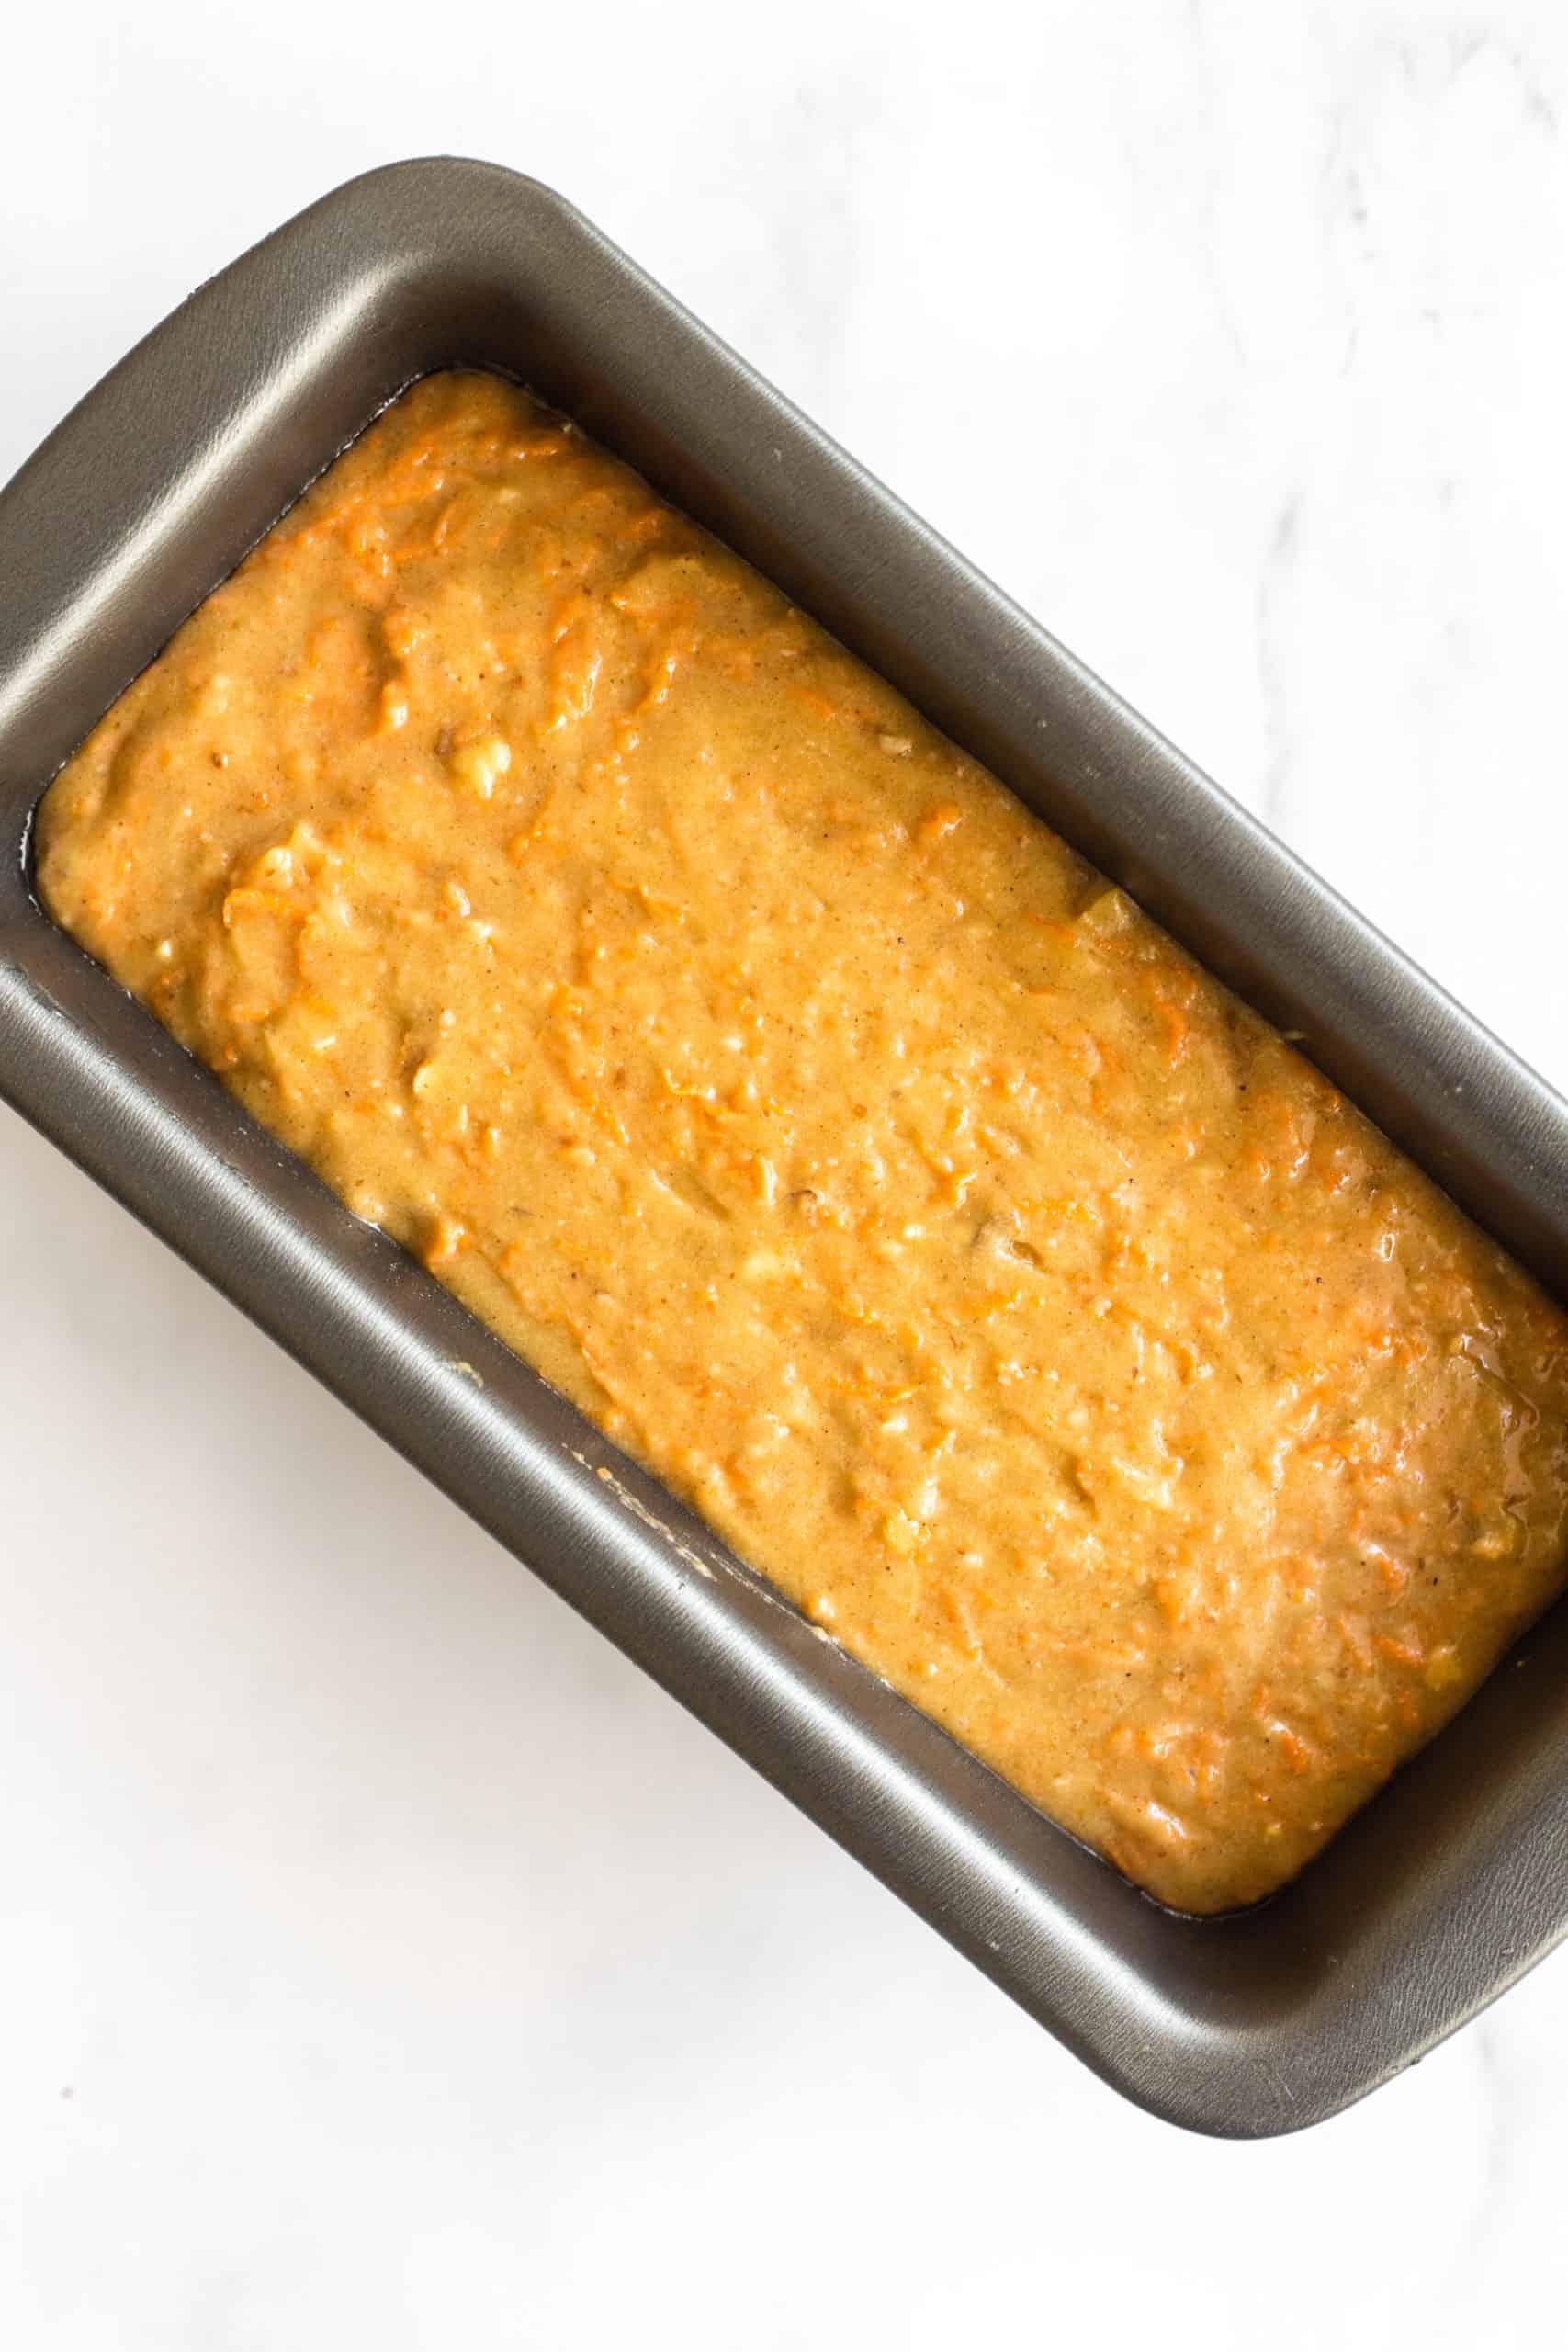 Batter for gluten-free carrot cake bread